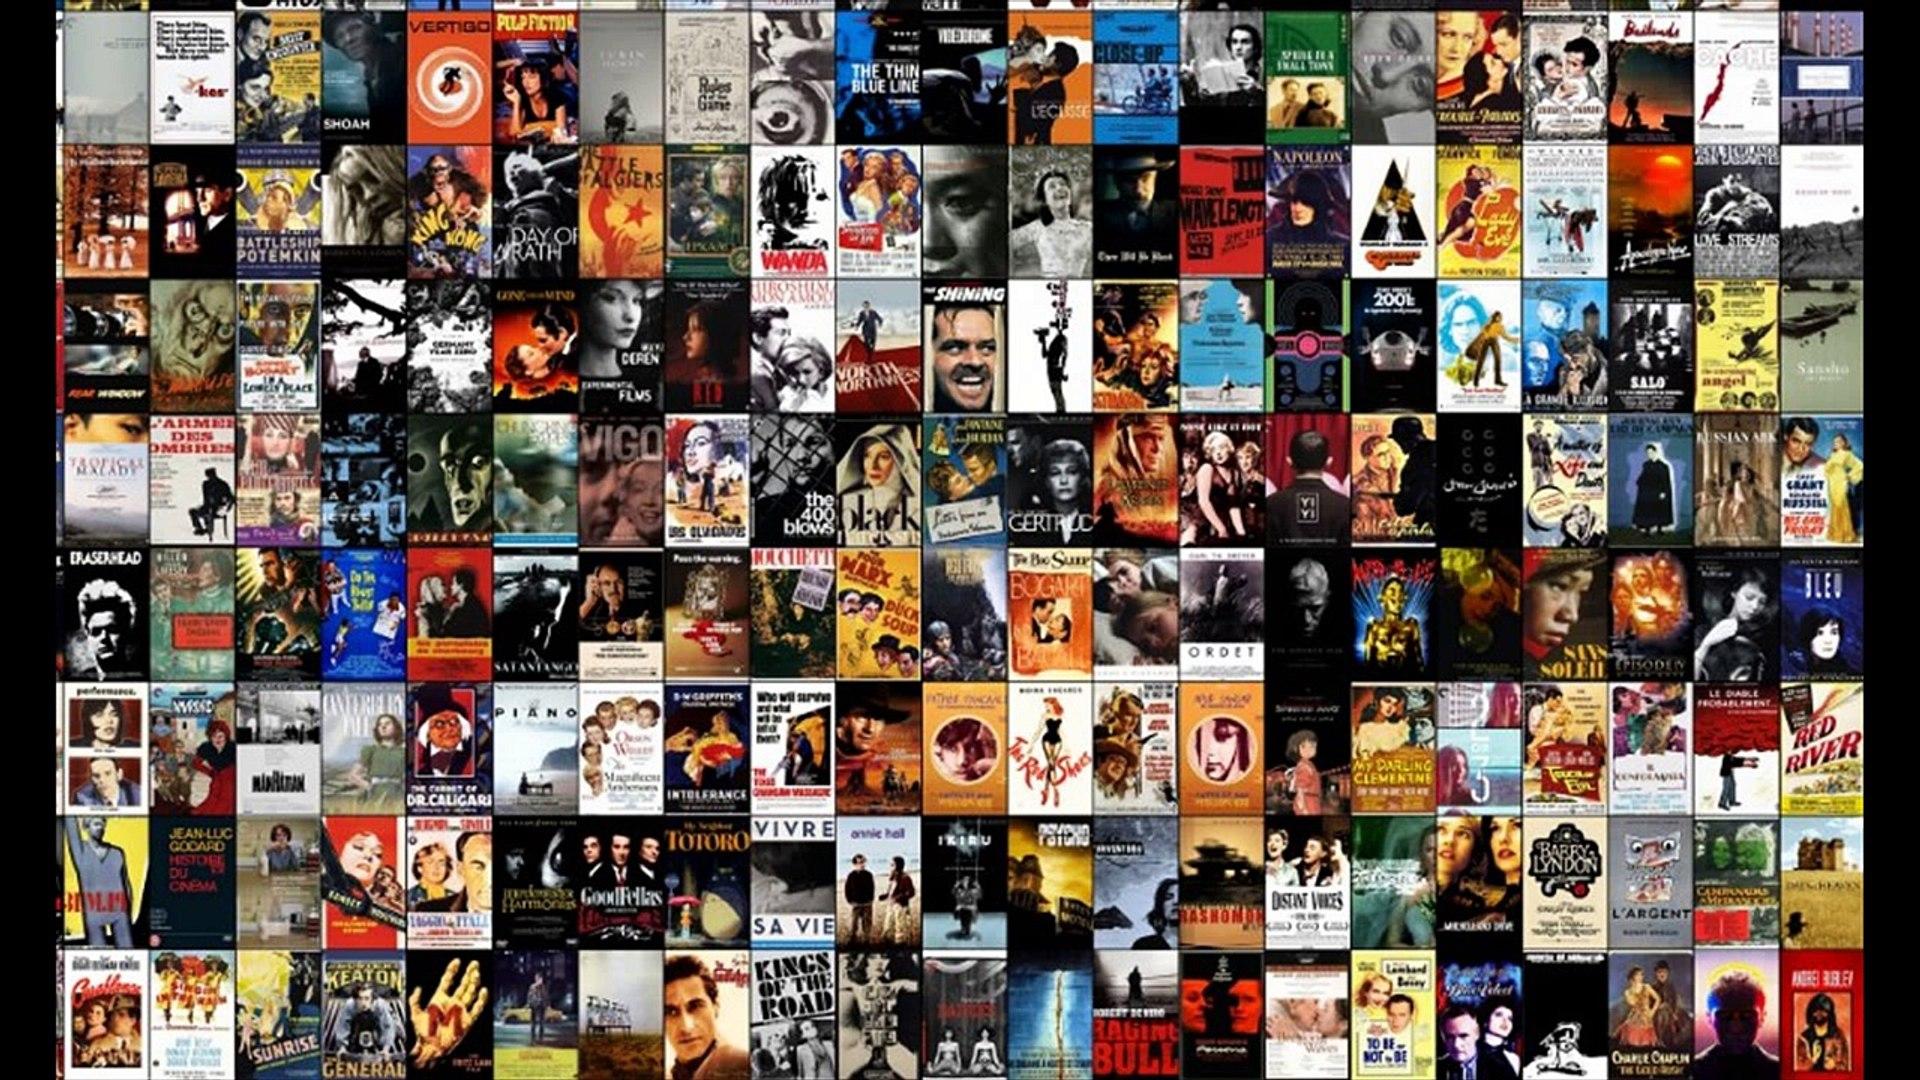 Universal Soldier 1992 F.U.L.L Movie